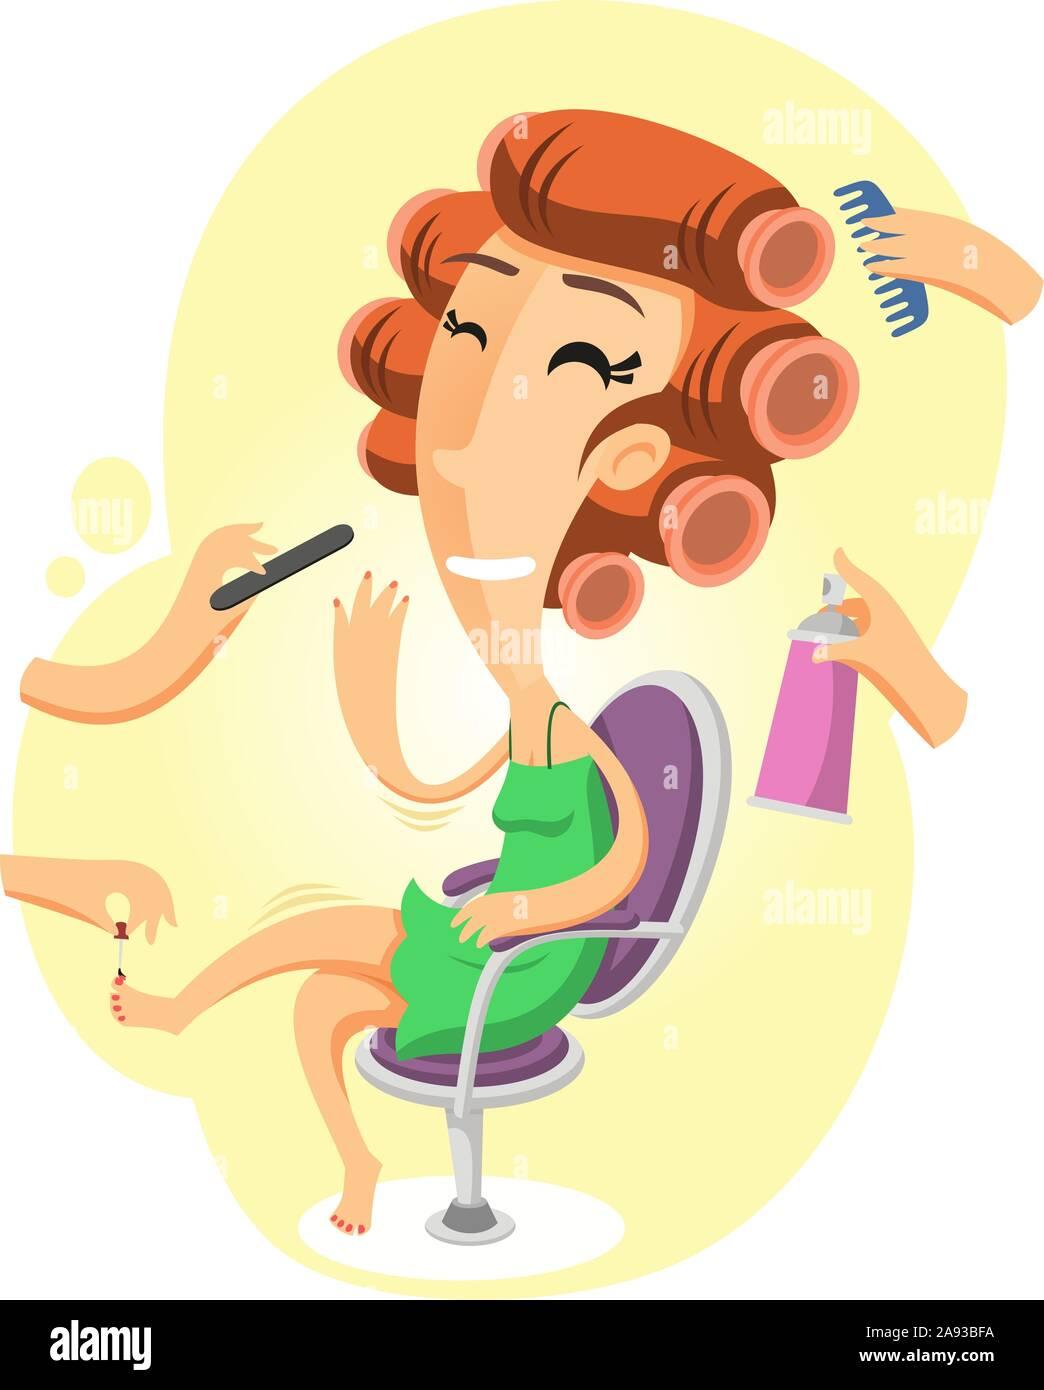 Beauty Salon Cartoon Illustration Stock Vector Image Art Alamy